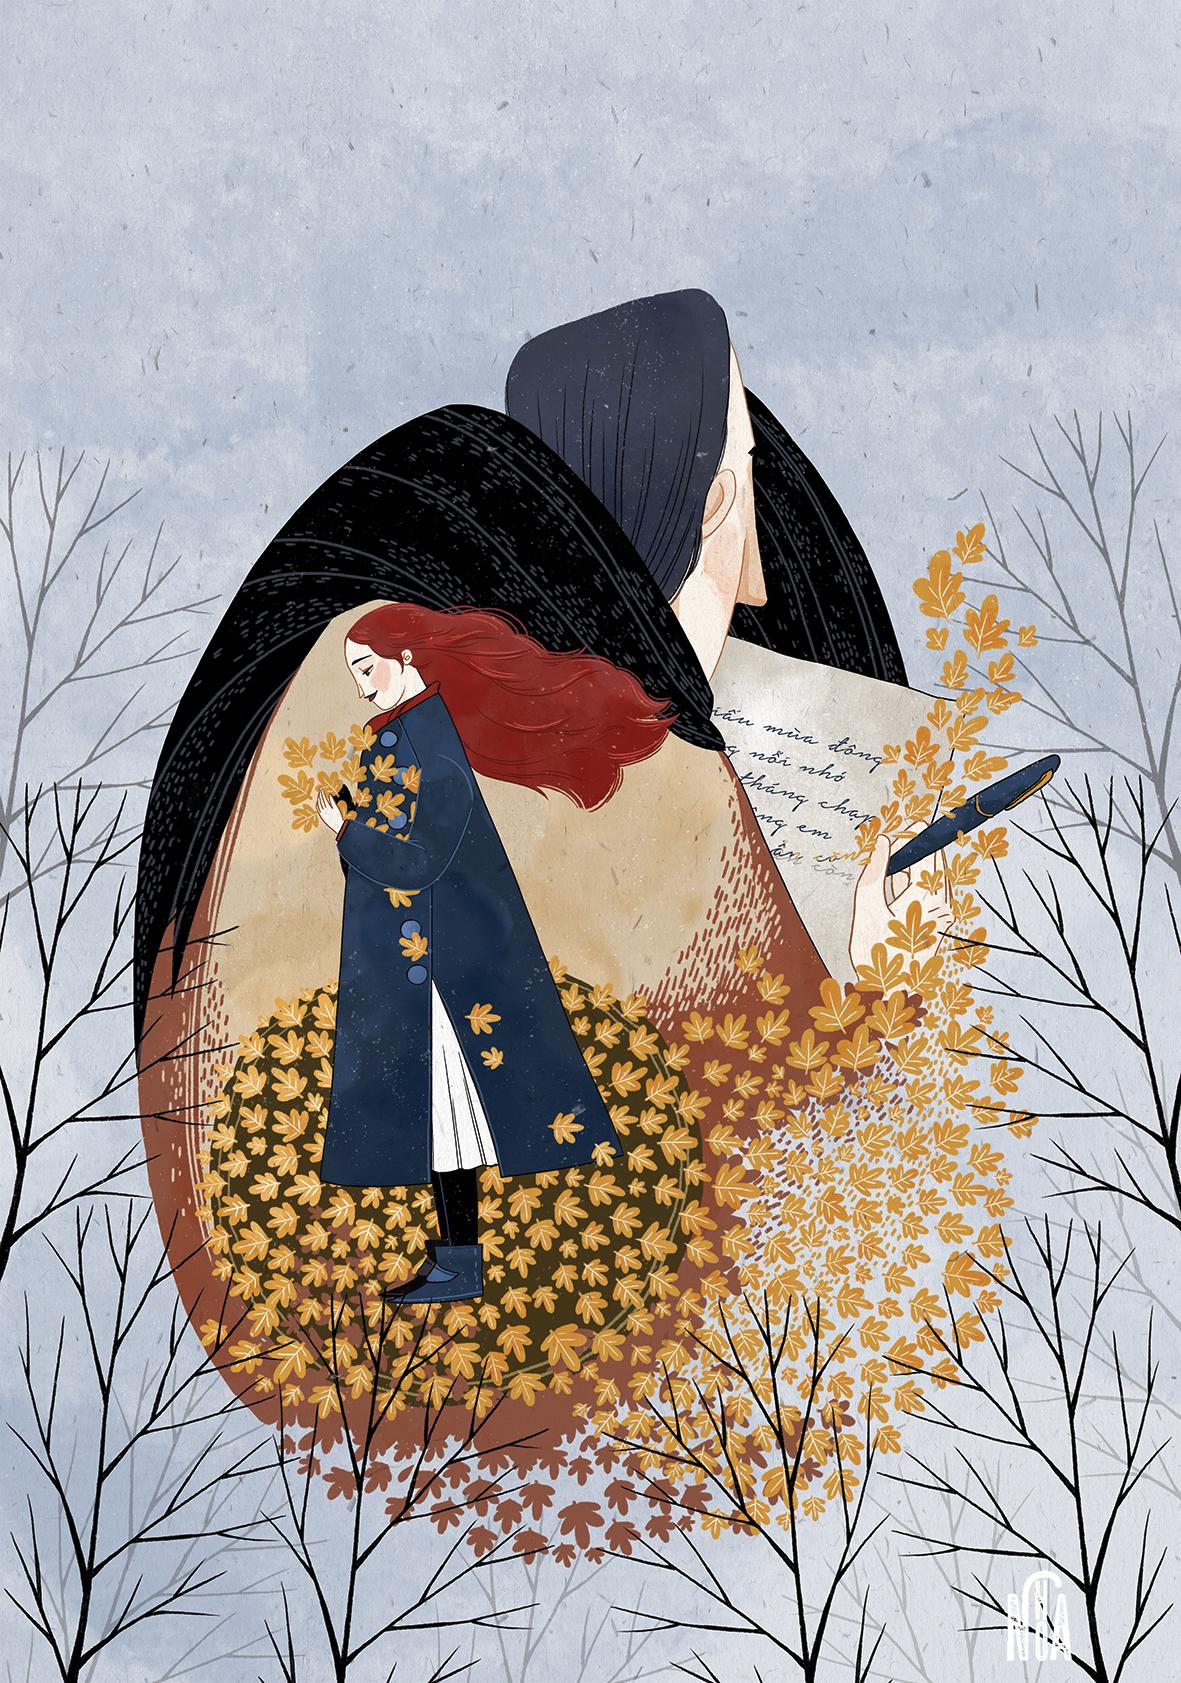 GirlsclubAsia-Artist-NohA-Vietnam-Illustration-huyền thoại mùa đông a Quang